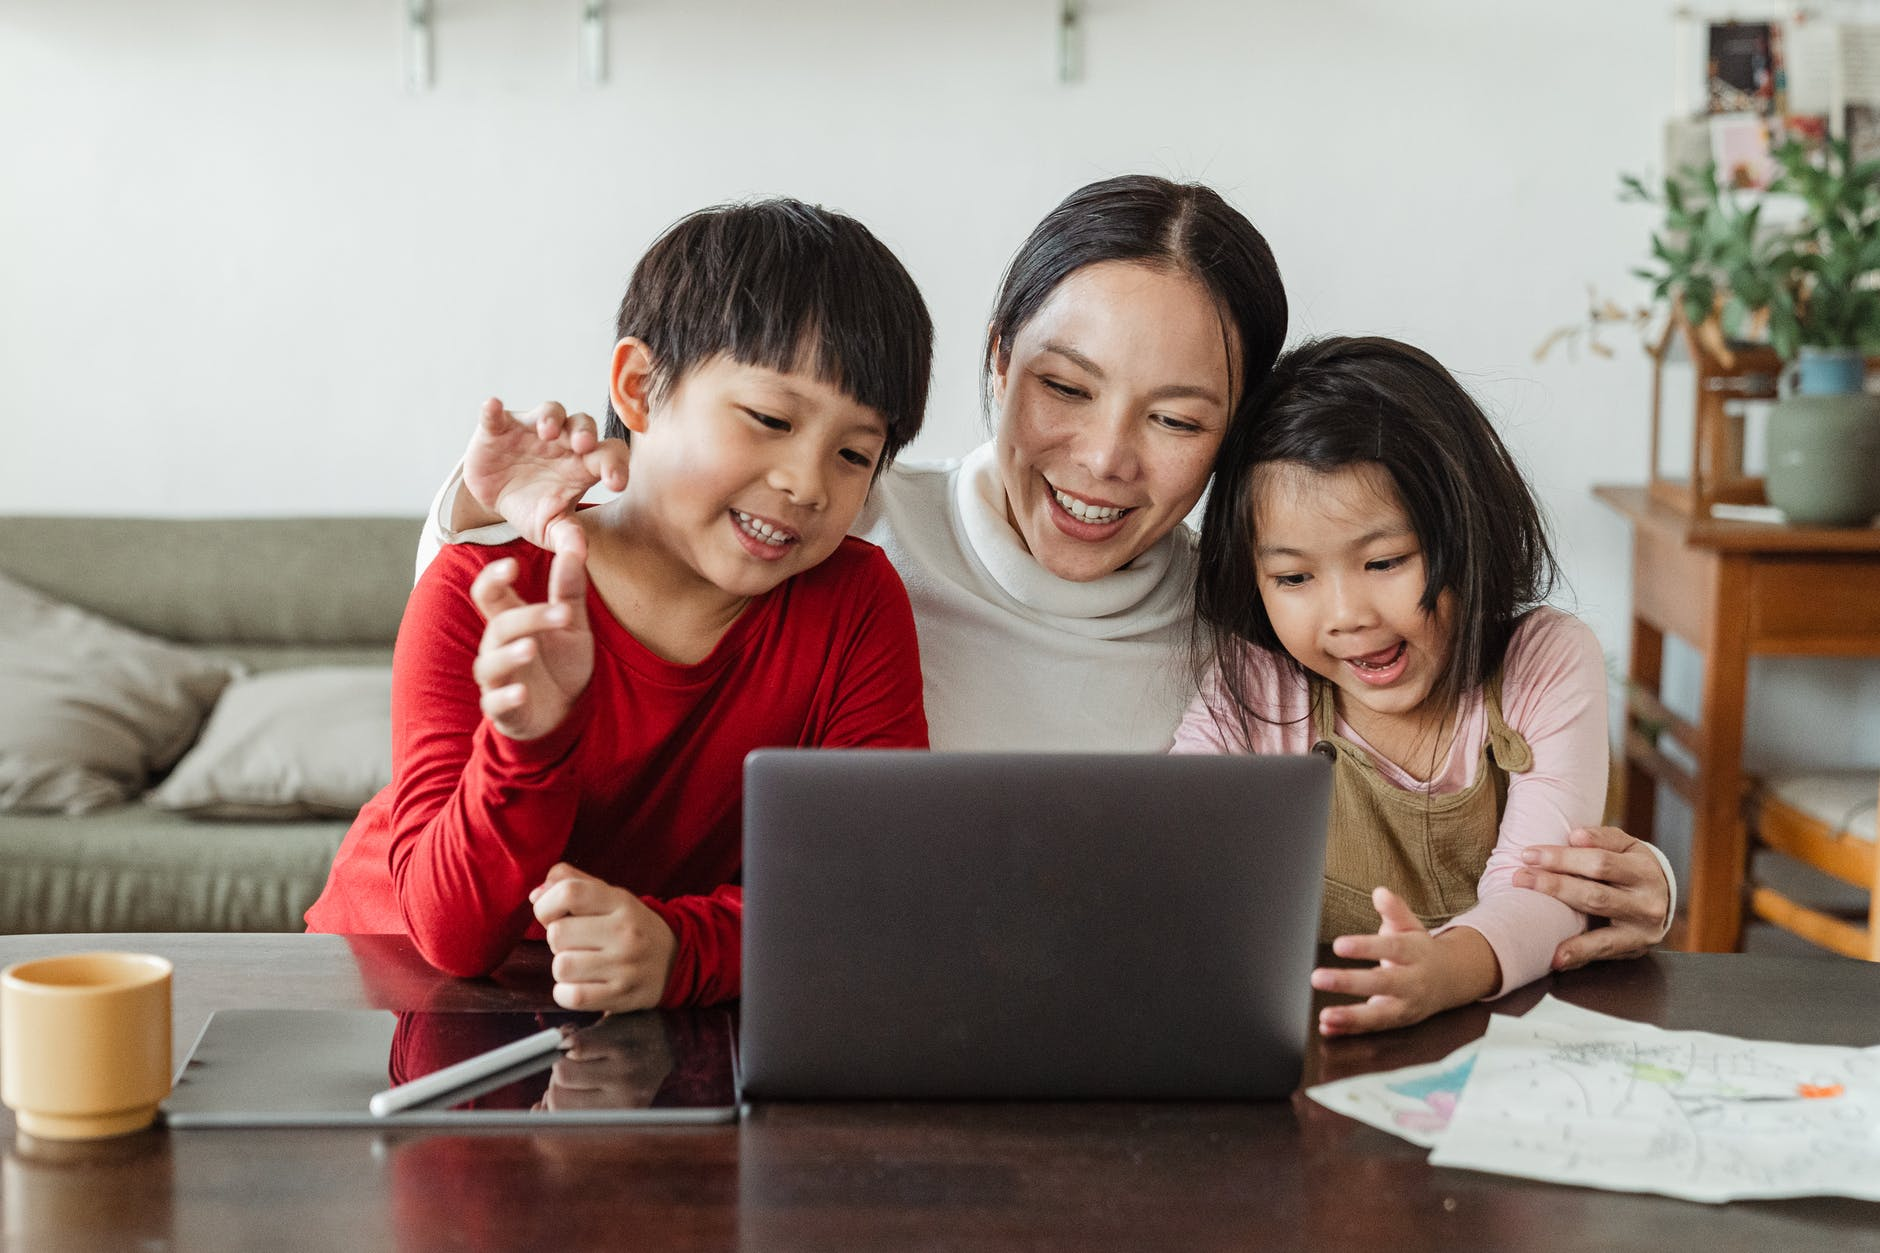 使用3C也不侷限於只能玩遊戲、看影片,也可以多利用通訊軟體讓孩子跟其他親戚朋友保持關係